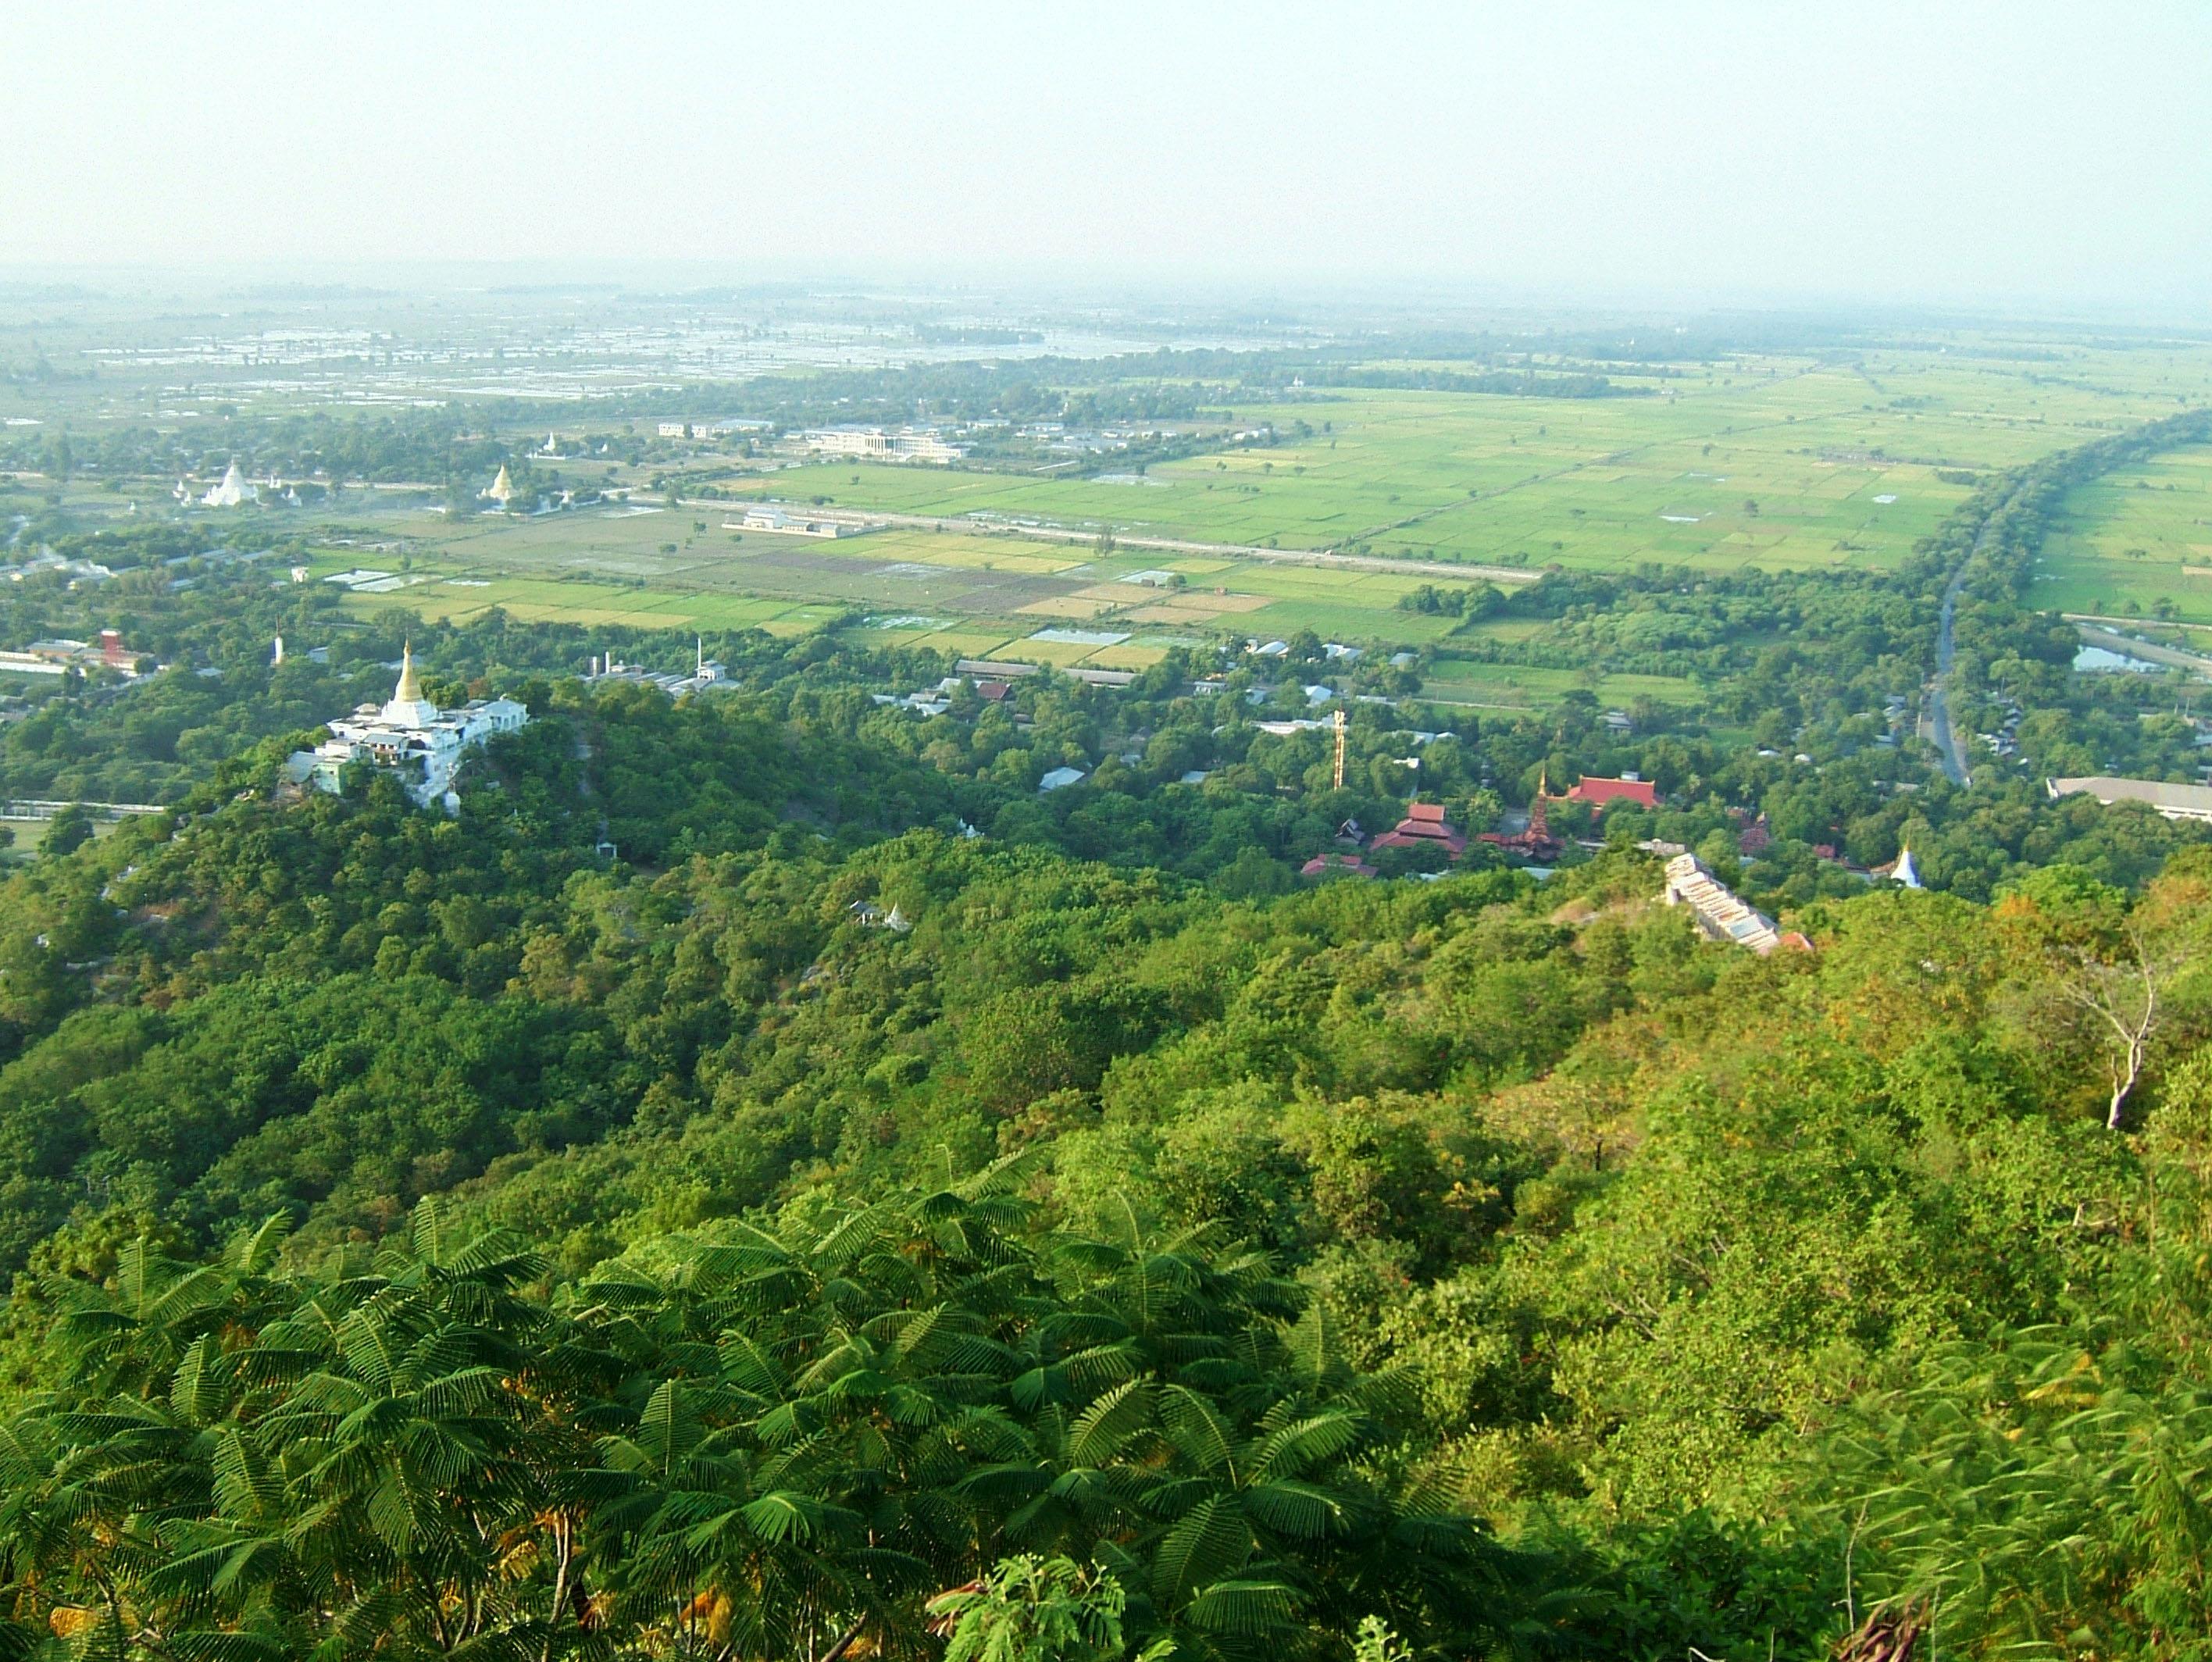 Mandalay Hill Sutaungpyei Pagoda panoramic views Dec 2000 23